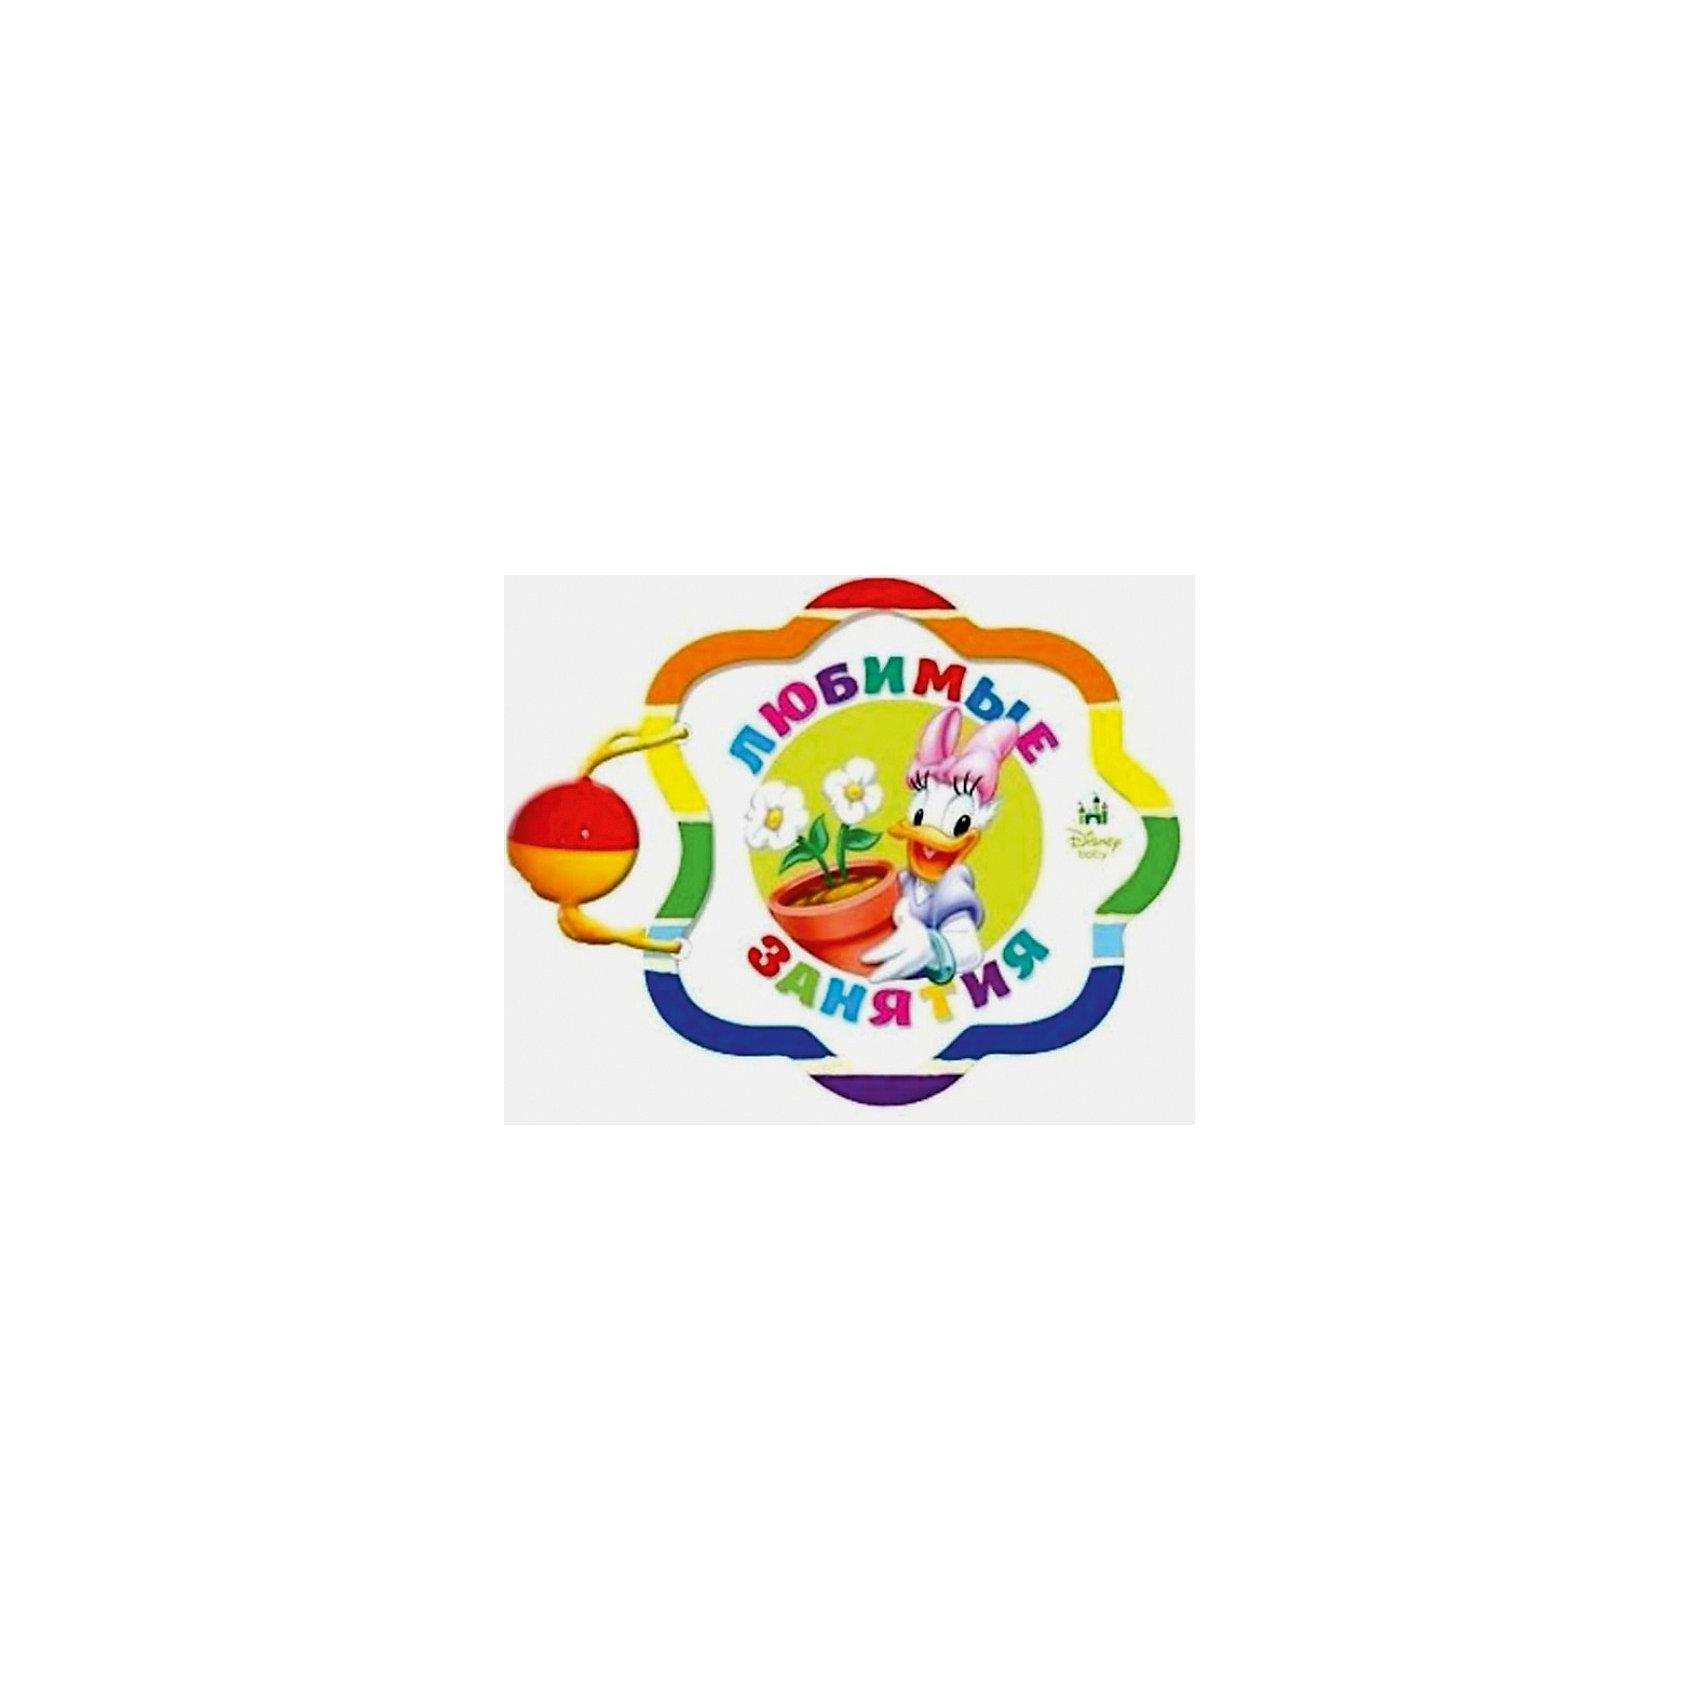 Книжка-погремушка Любимые занятия, Микки Маус и его друзьяВ красивой яркой книжке с погремушкой самых маленьких детишек ждет встреча с любимыми героями диснеевского мультика про Микки Мауса (Mickey Mouse). Это прекрасный подарок для каждого малыша! Книга расскажет малышу как любят отдыхать любимые герои диснеевских мультфильмов.<br><br>Дополнительная информация:<br><br>- Страниц: 8<br>- Материал: картон<br>- Формат: 120х120 мм<br>- Вырубка на шнурке с погремушкой.<br>- Вес: 80 г<br><br>Книжку-погремушку  Любимые занятия, Микки Маус и его друзья можно купить в нашем магазине.<br><br>Ширина мм: 140<br>Глубина мм: 35<br>Высота мм: 120<br>Вес г: 80<br>Возраст от месяцев: 0<br>Возраст до месяцев: 12<br>Пол: Унисекс<br>Возраст: Детский<br>SKU: 3910666